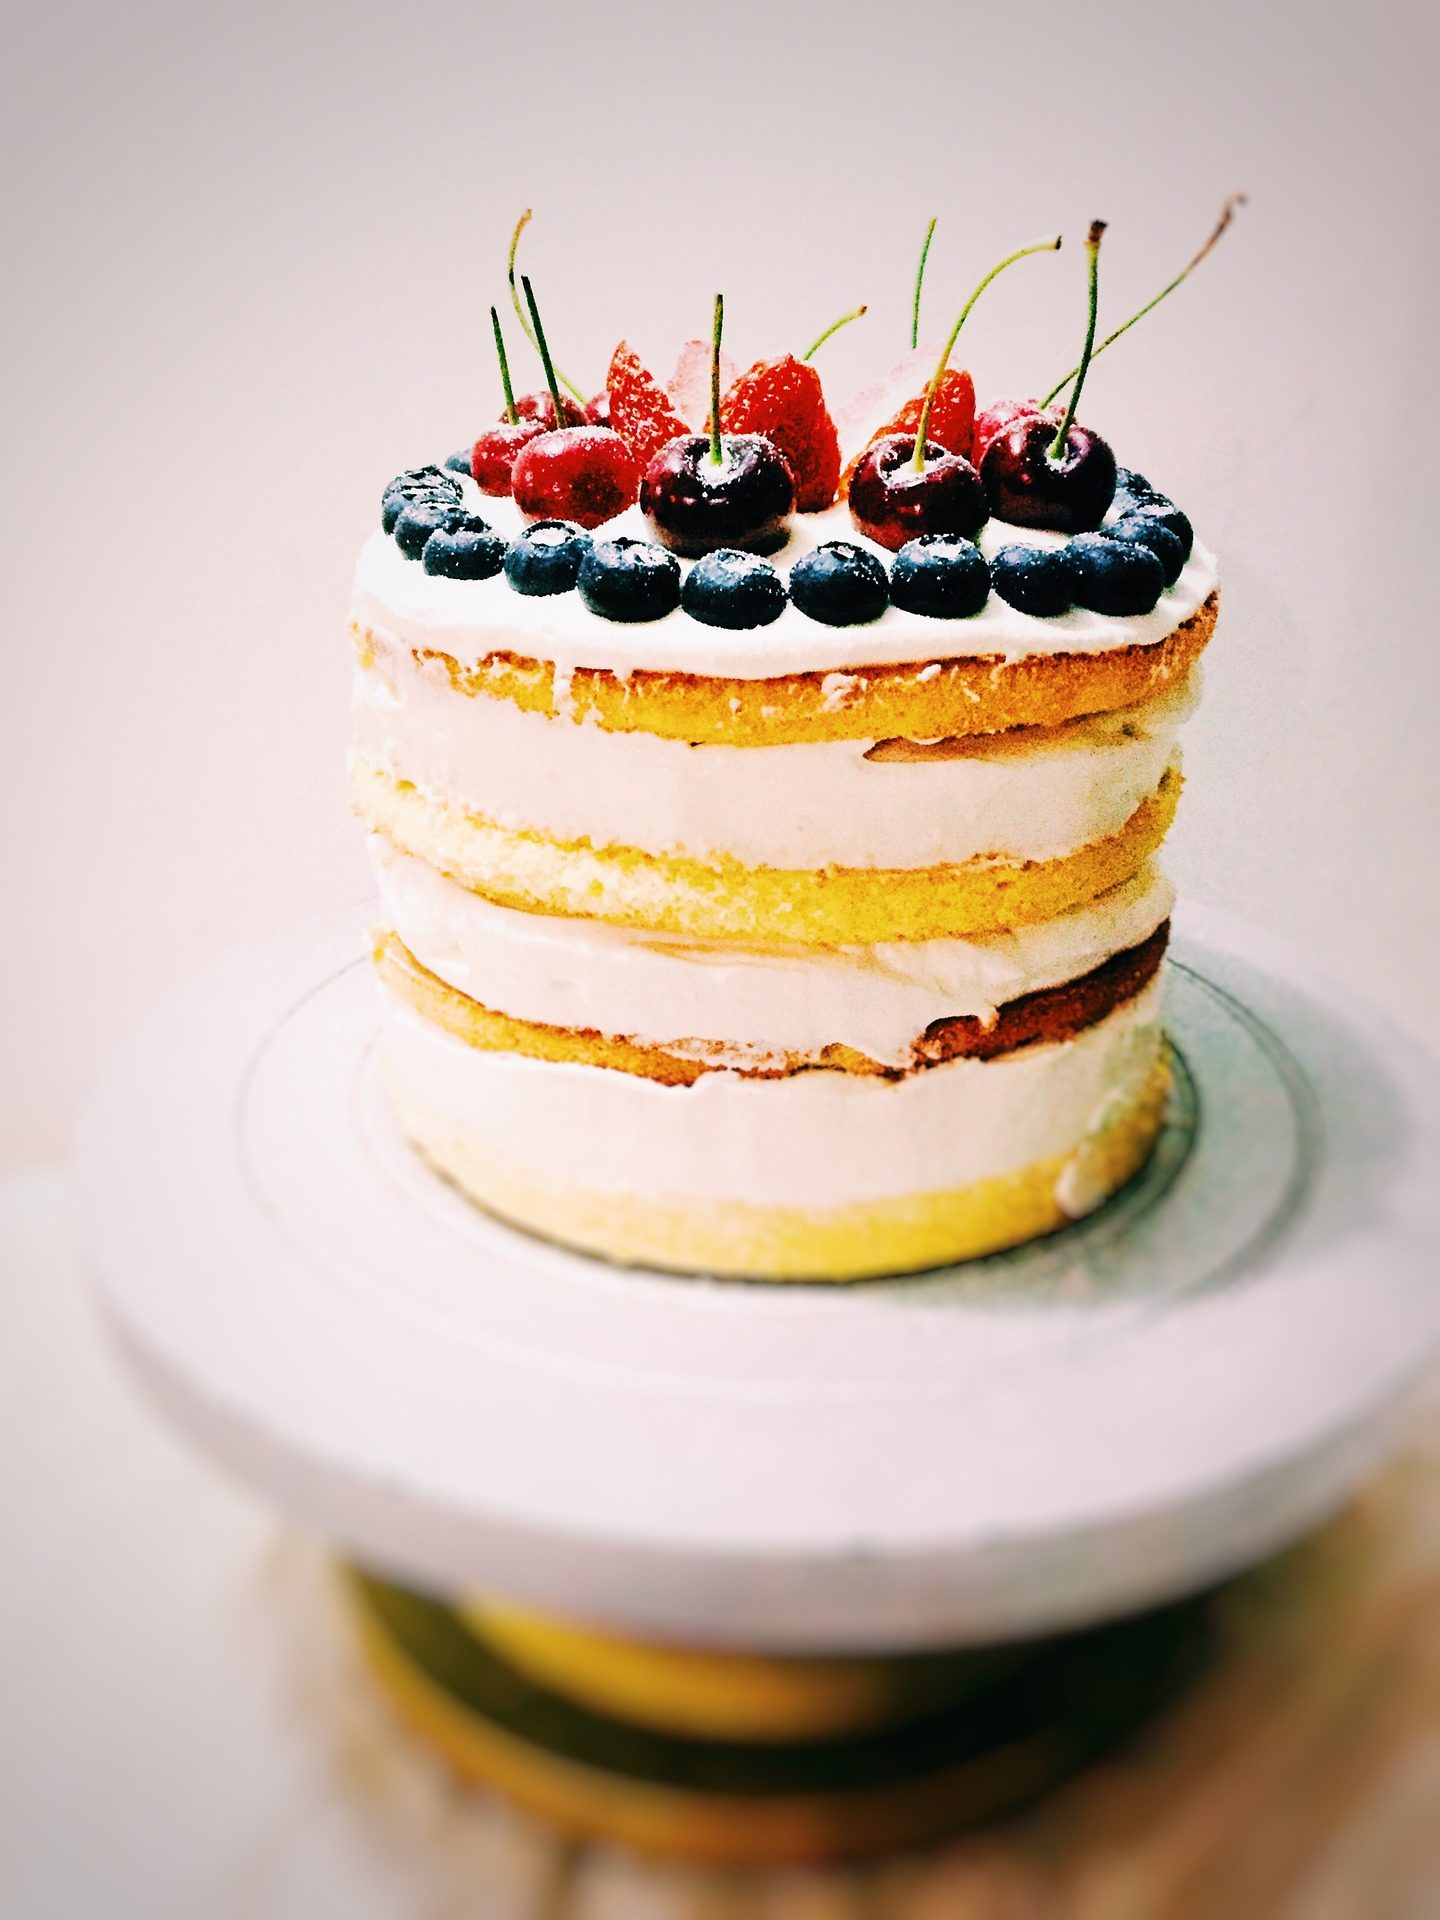 tarta, كعكة, حلوى, كعكة الأسفنج, كرز حامض - خلفيات عالية الدقة - أستاذ falken.com